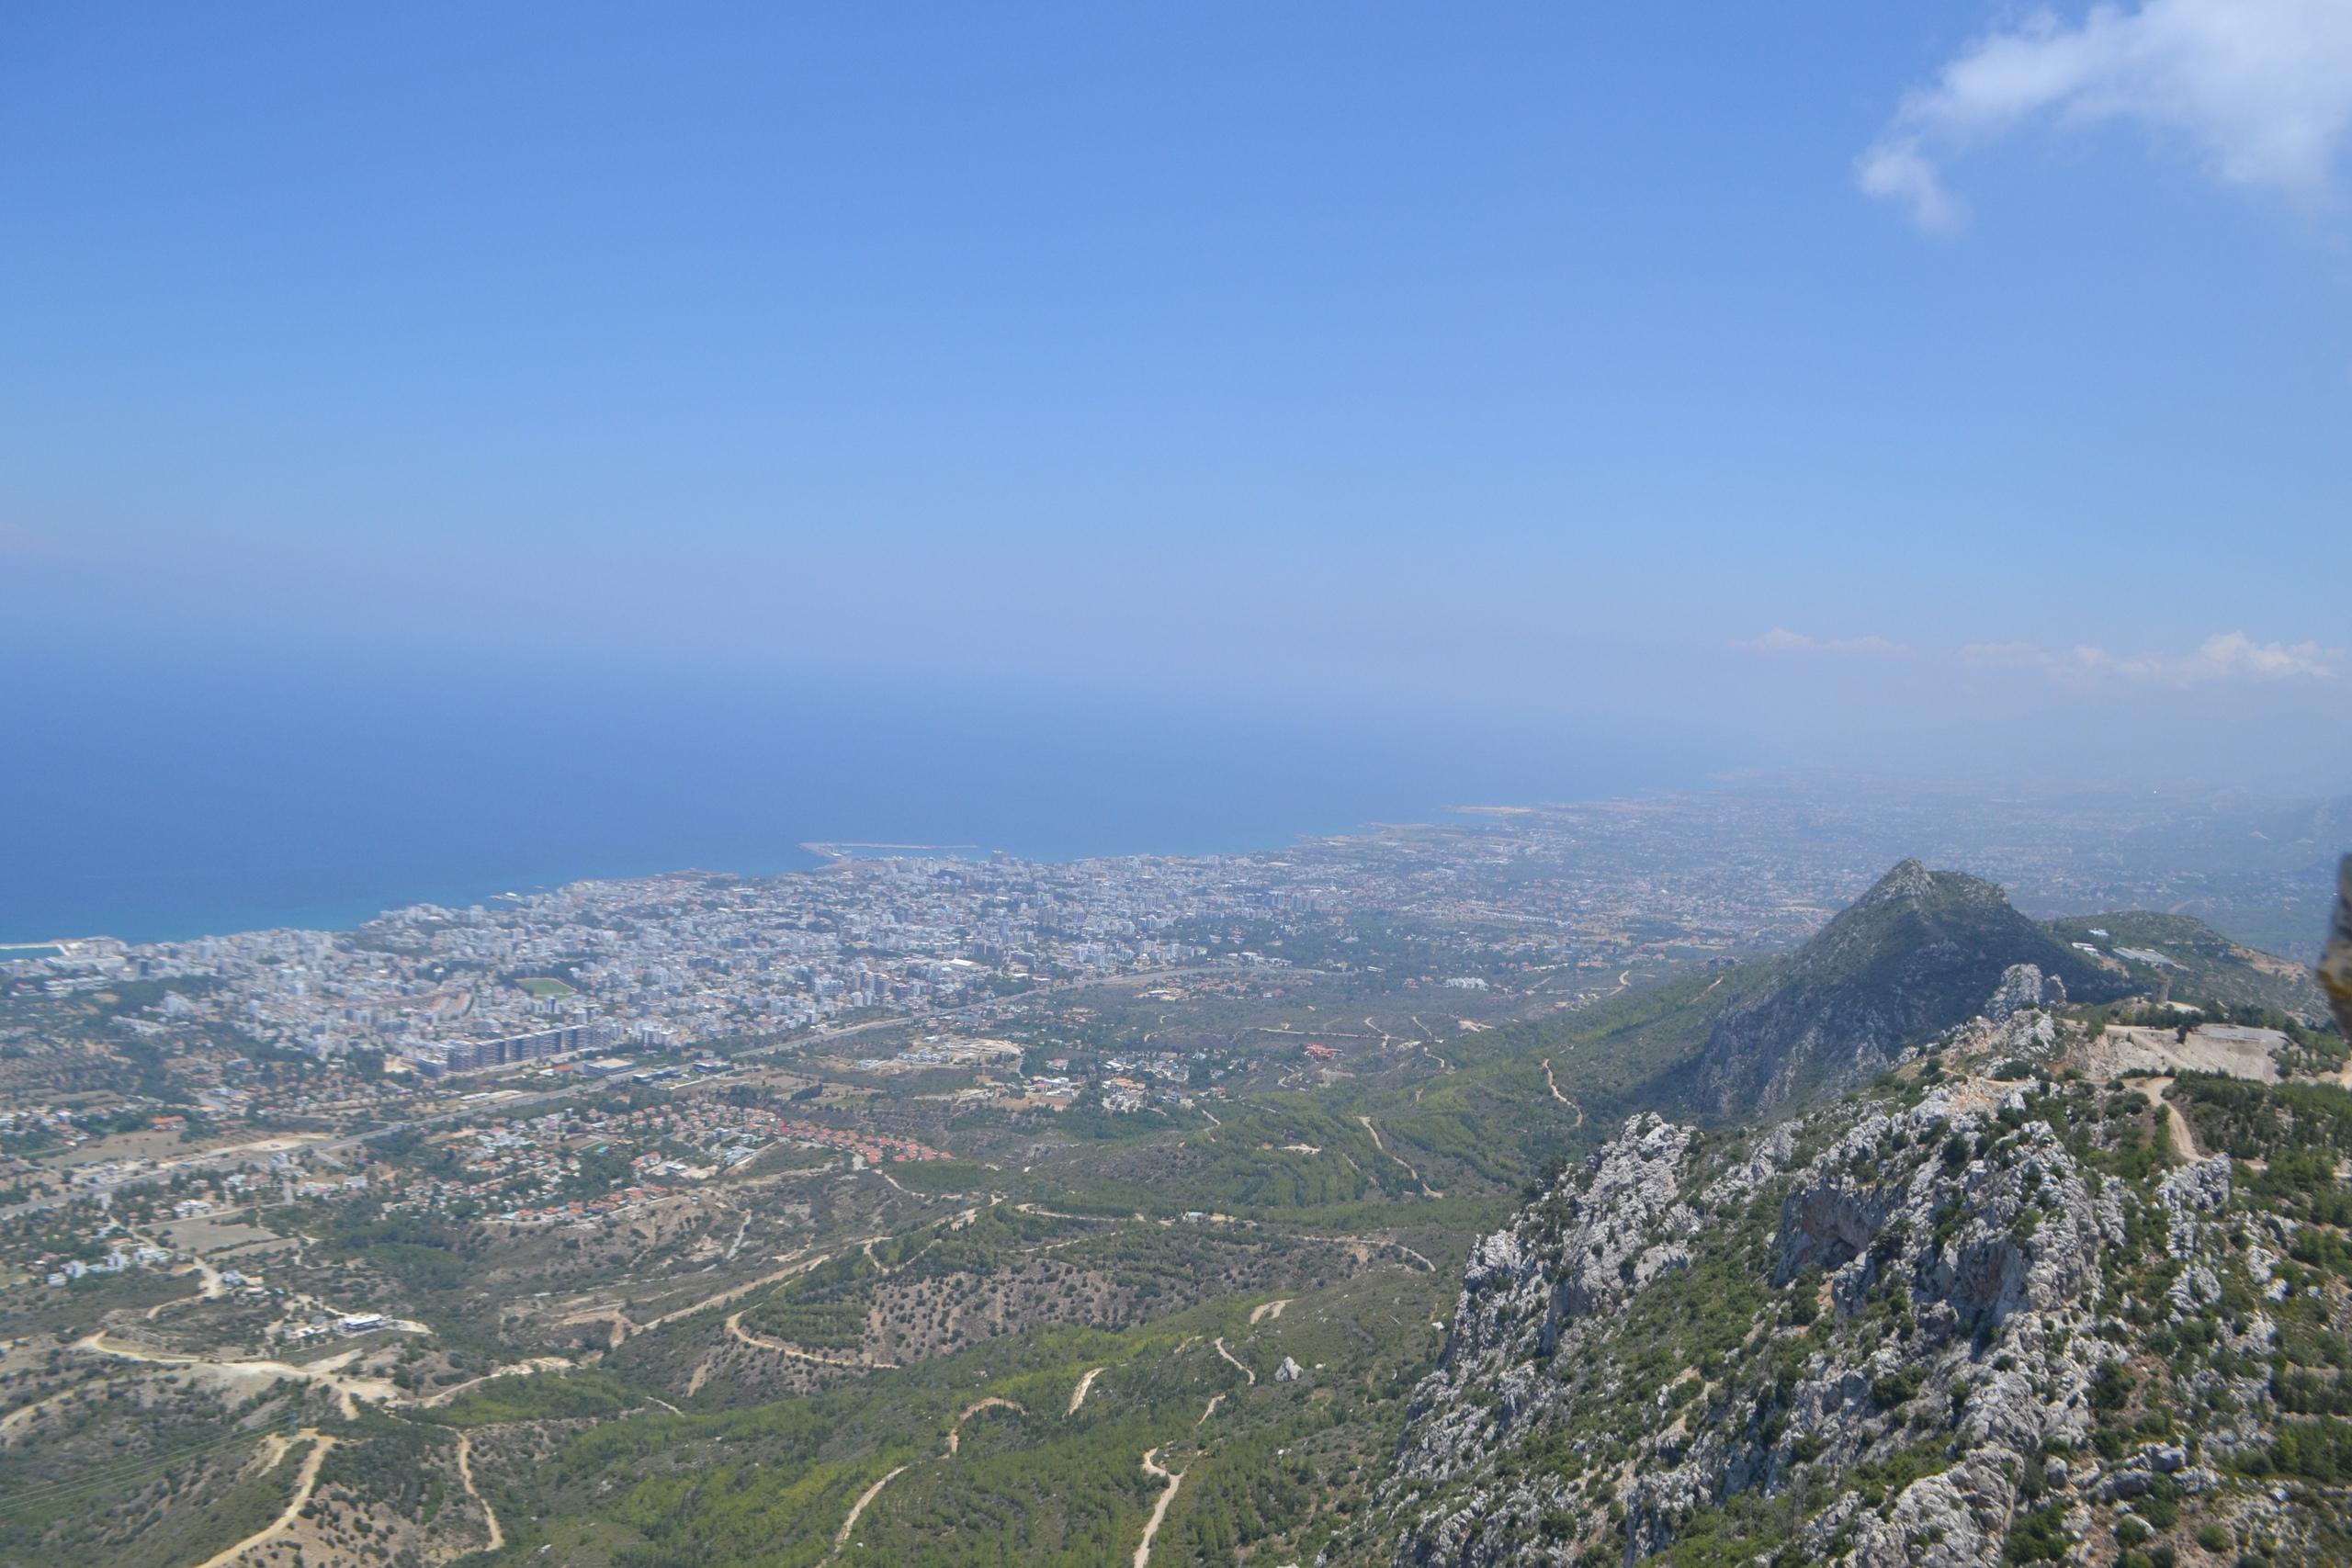 Северный Кипр. Замок Святого Иллариона. (фото). - Страница 3 Yb5FXudSw2E